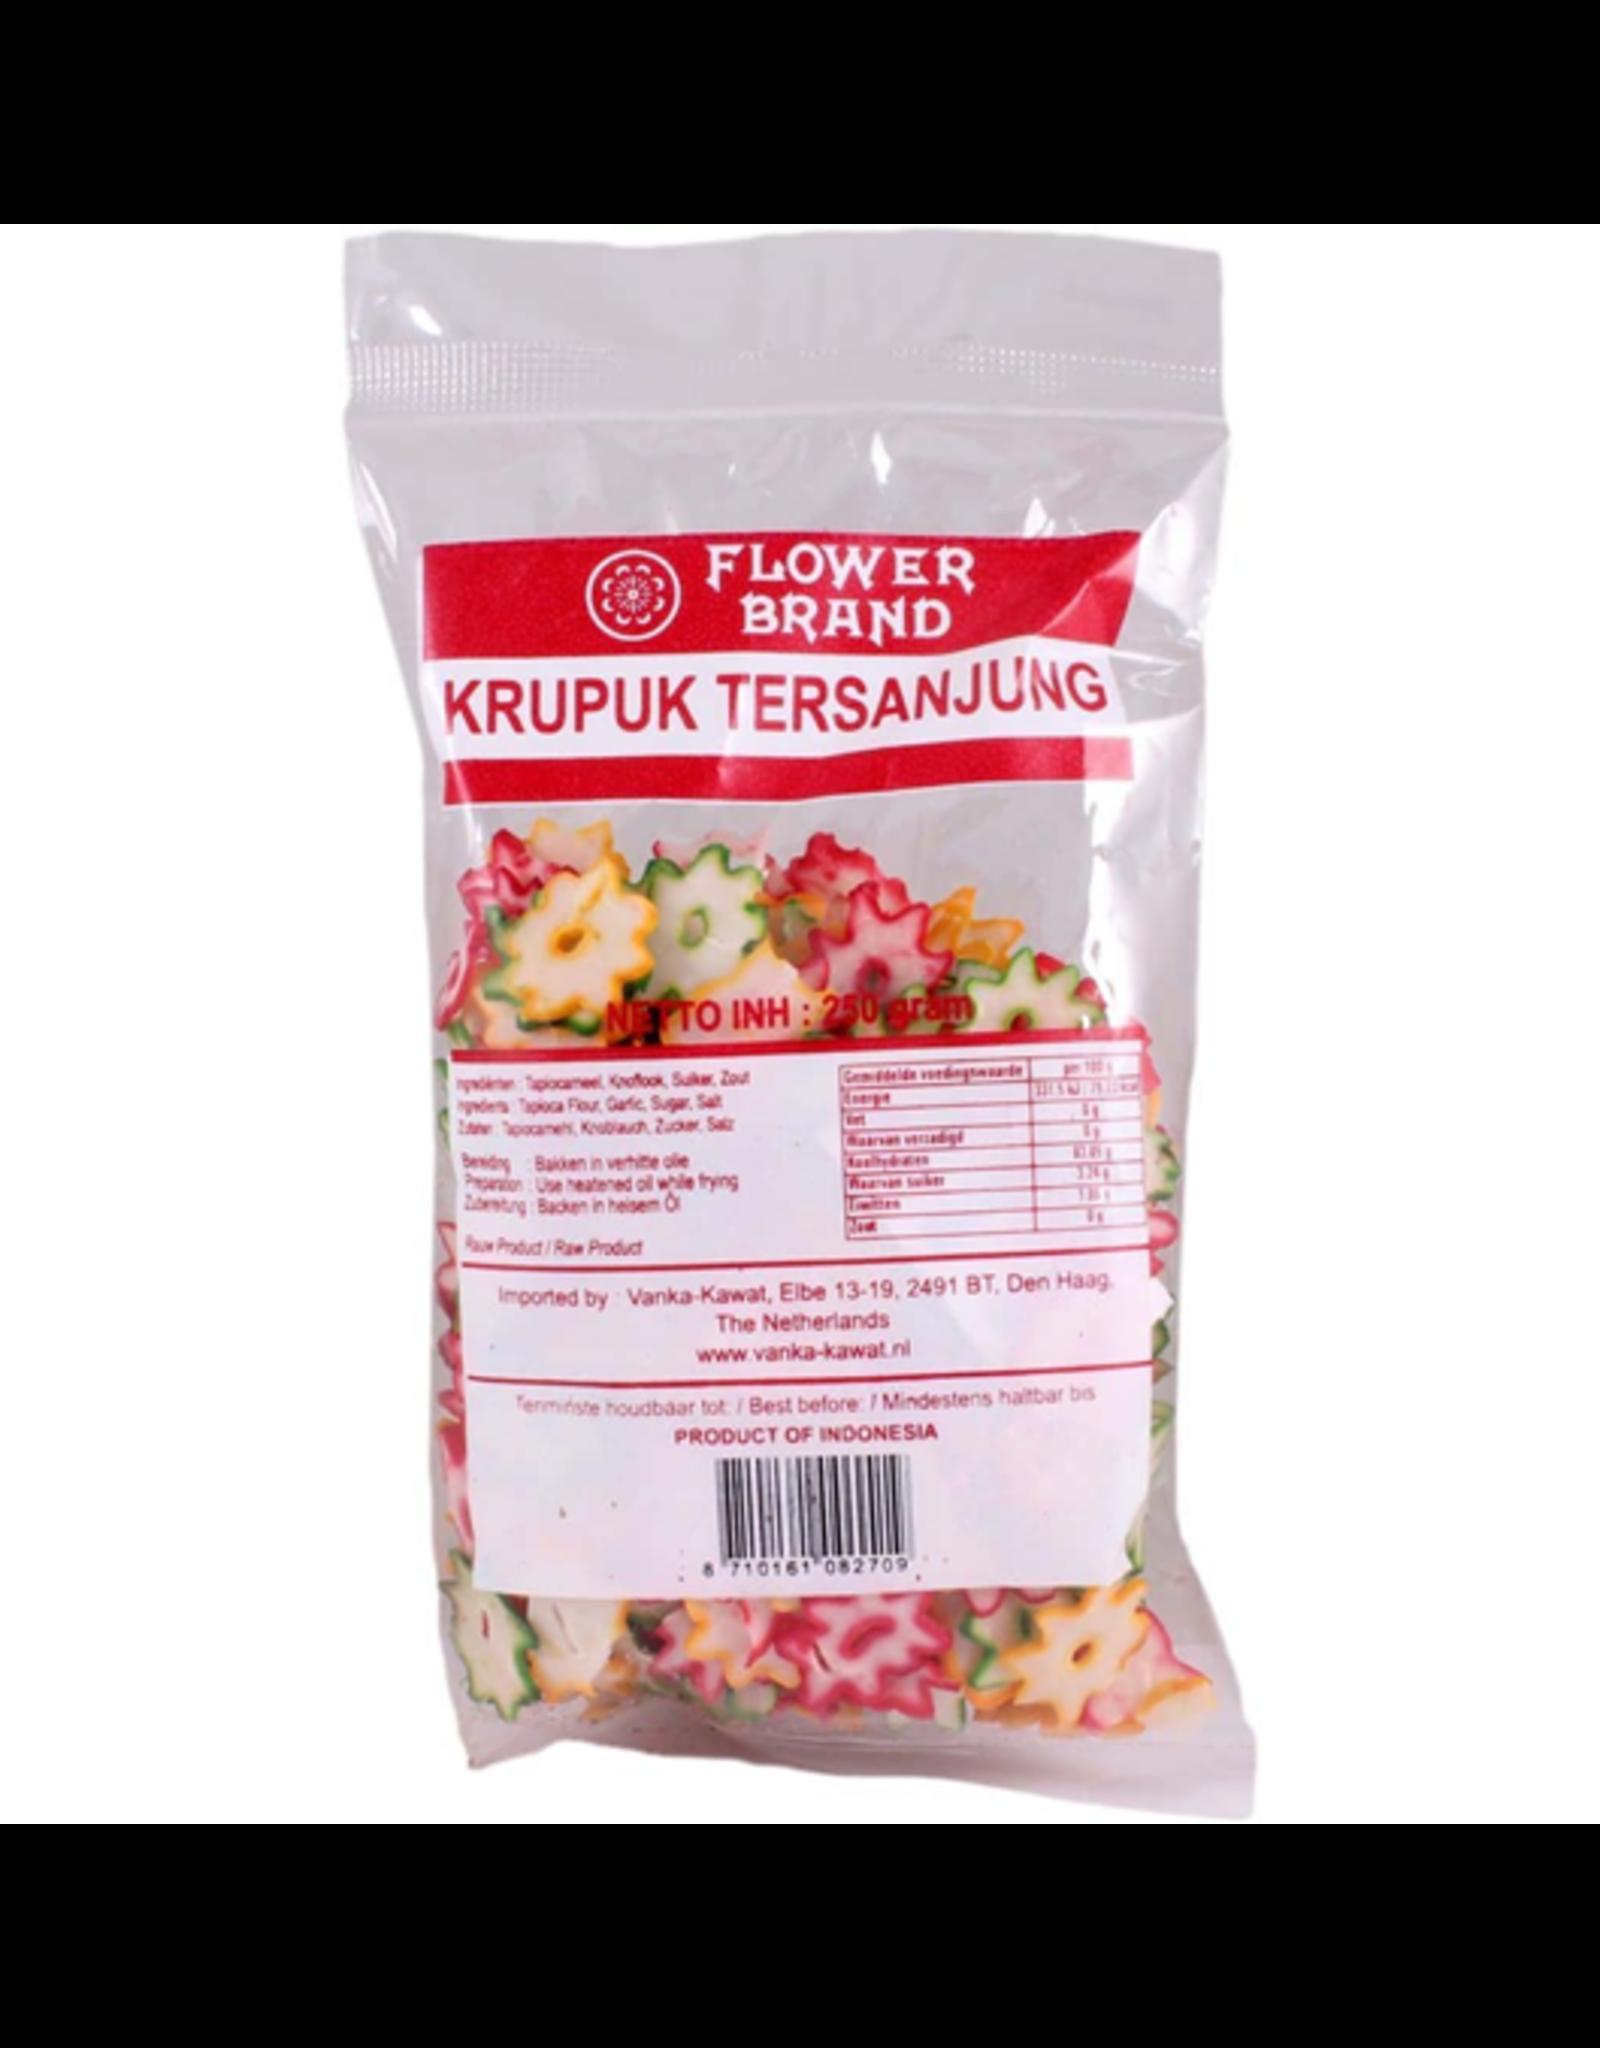 Flower Brand Krupuk Tersanjung